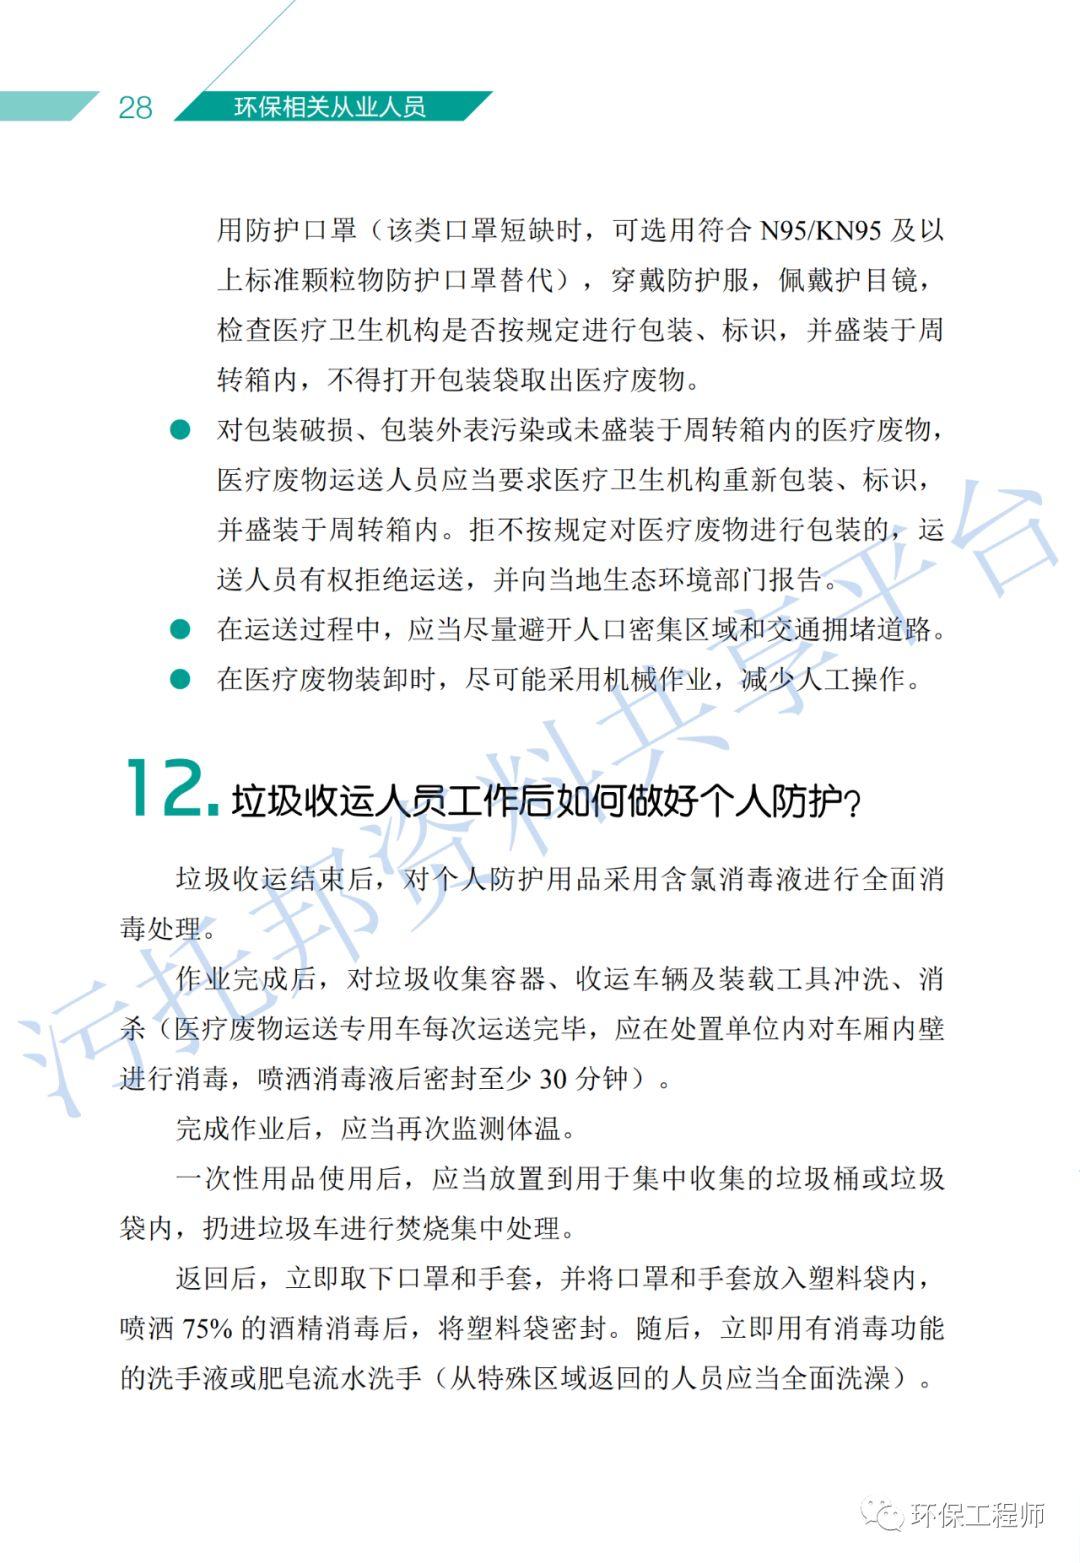 《环保从业人员新型冠状病毒疫情防护手册》_15